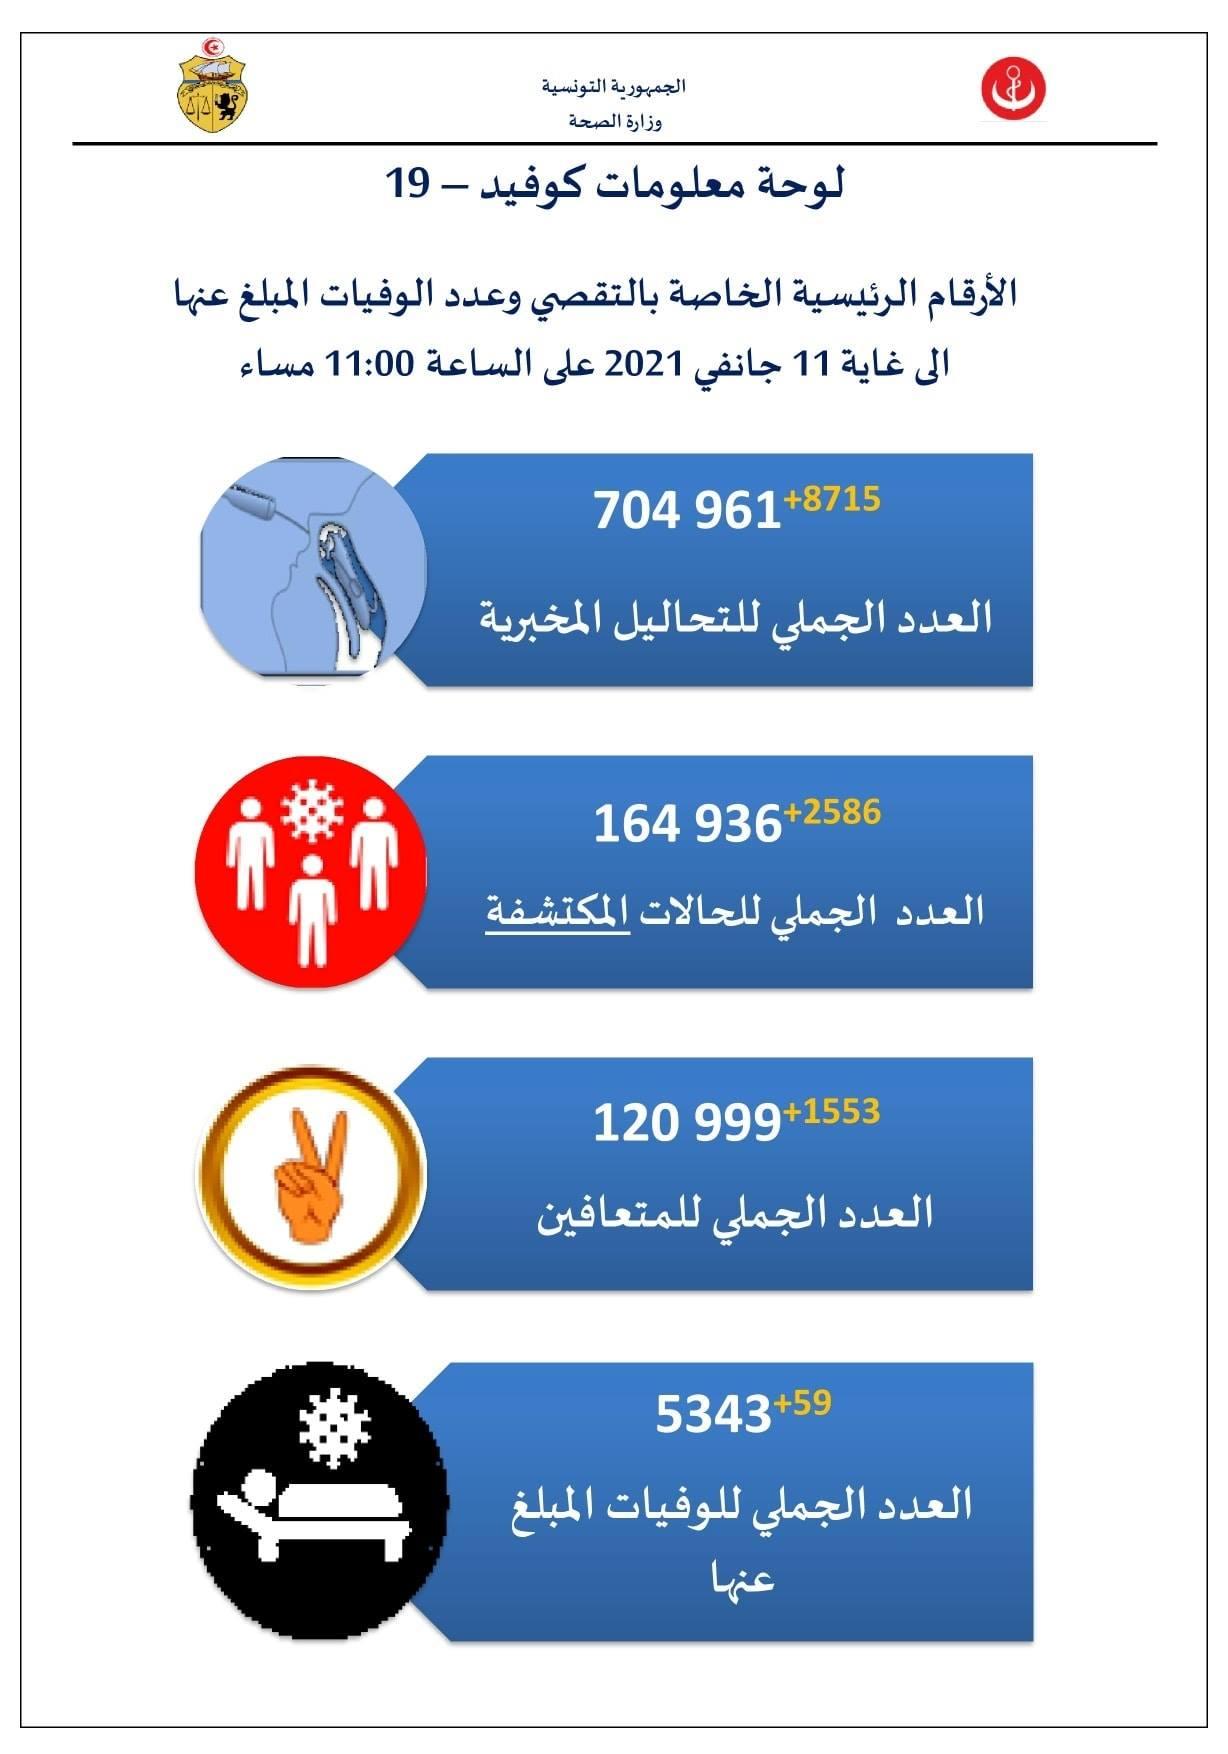 وزارة الصحة حصيلة جديدة مرتفعة في عدد الوفيات و الاصابات بفيروس كورونا